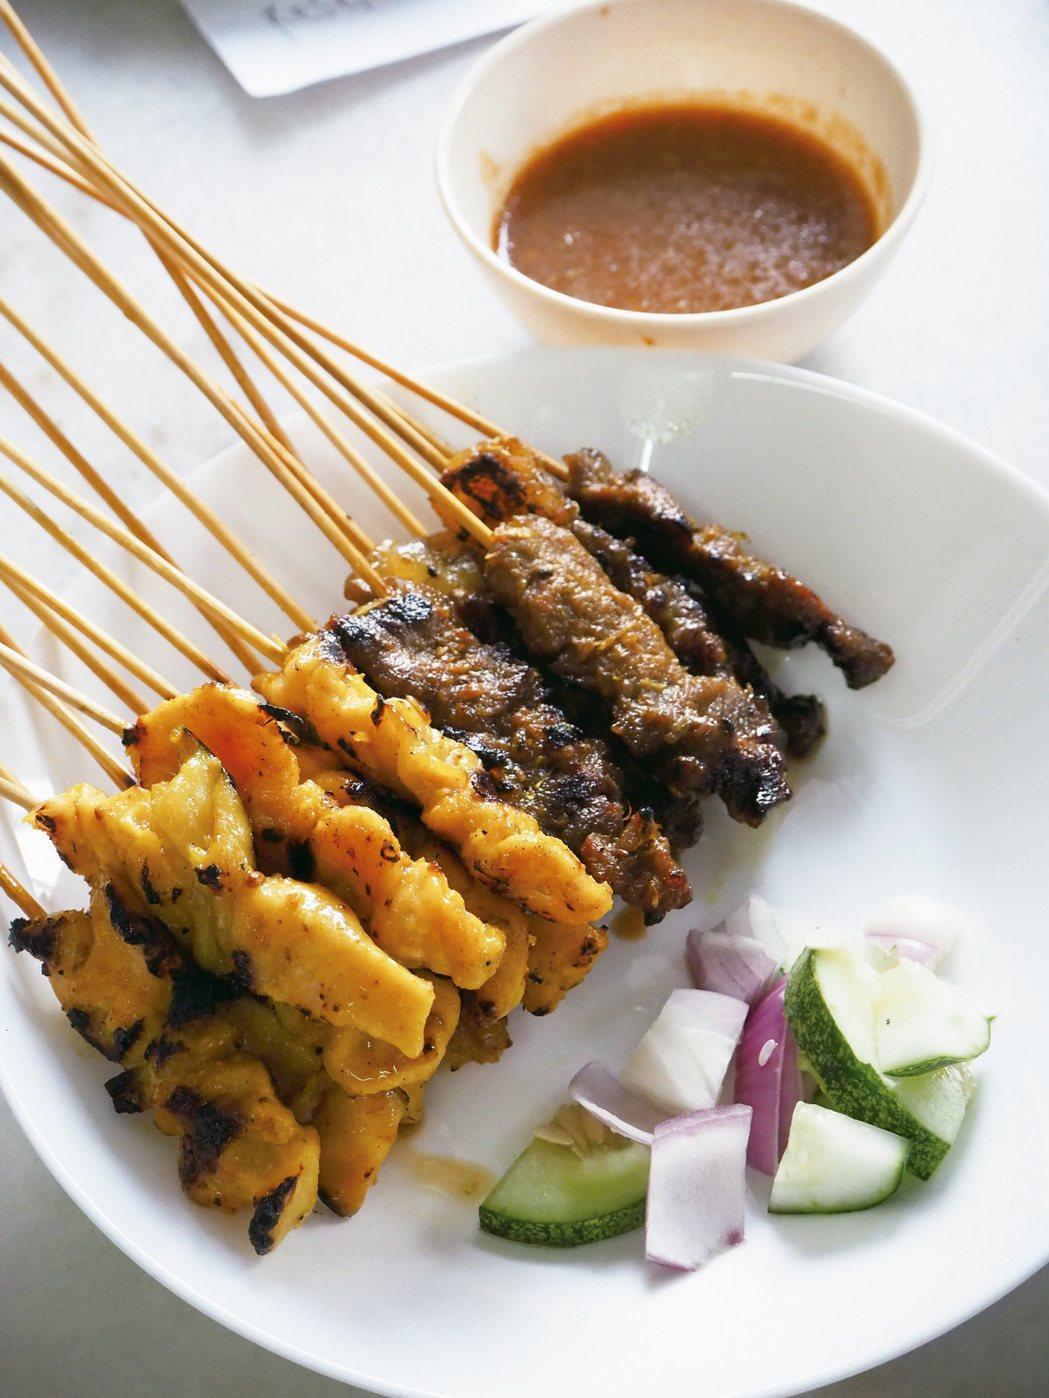 馬六甲的沙嗲肉串。圖/麥浩斯提供